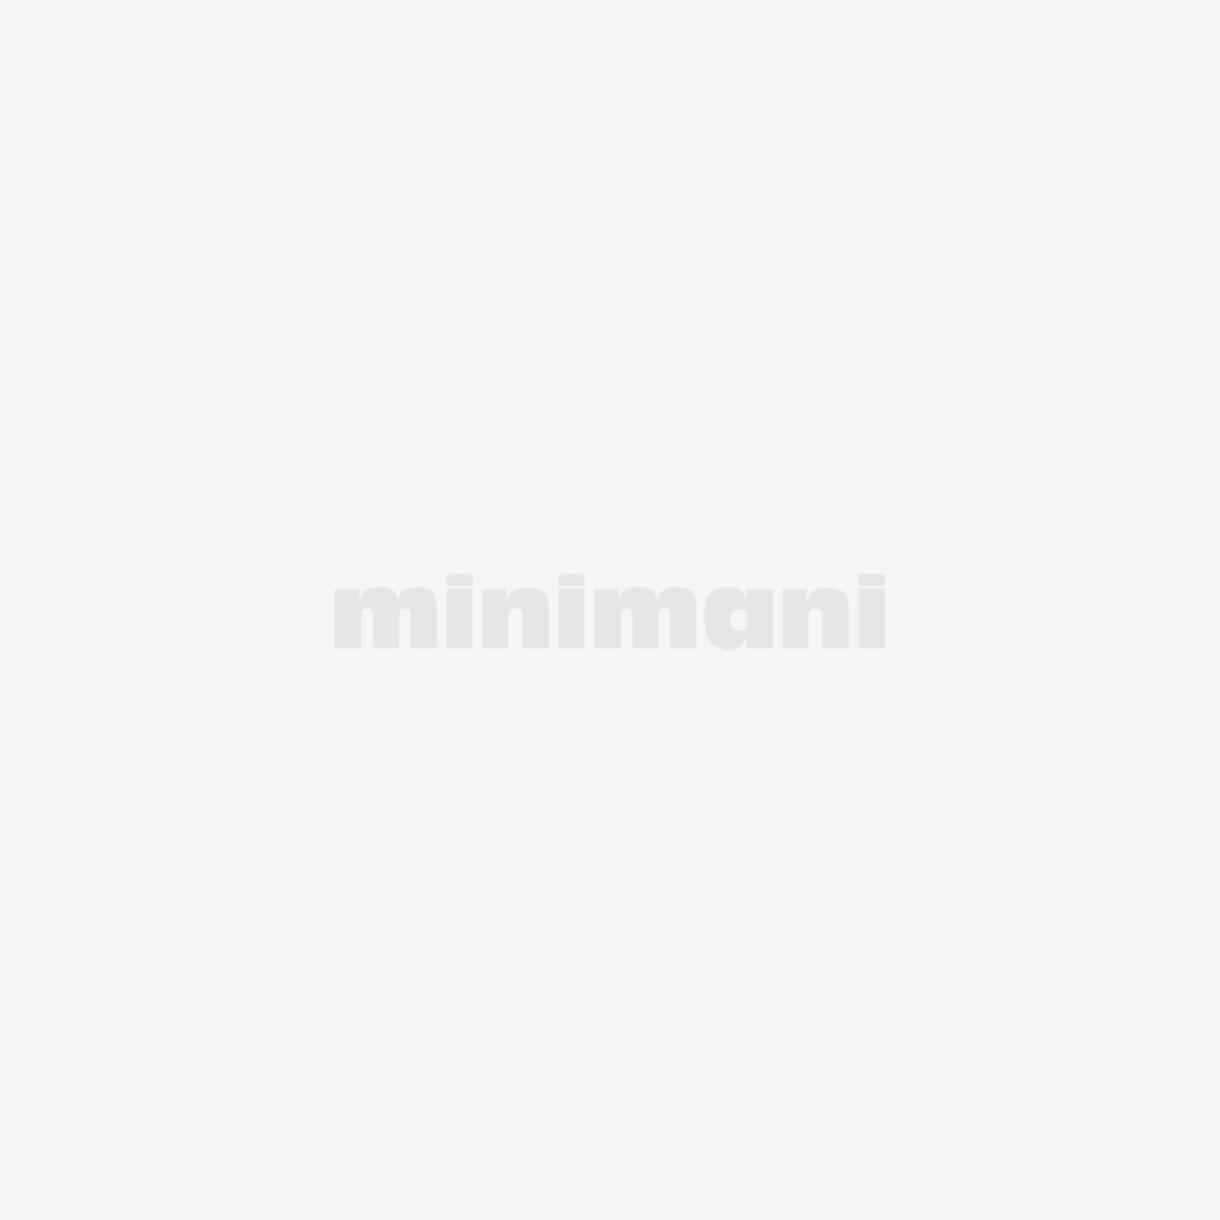 FINNWEAR LASTEN NILKKASUKAT, LIUKKARIT 2-PACK 28-30 6245 PUNAIN